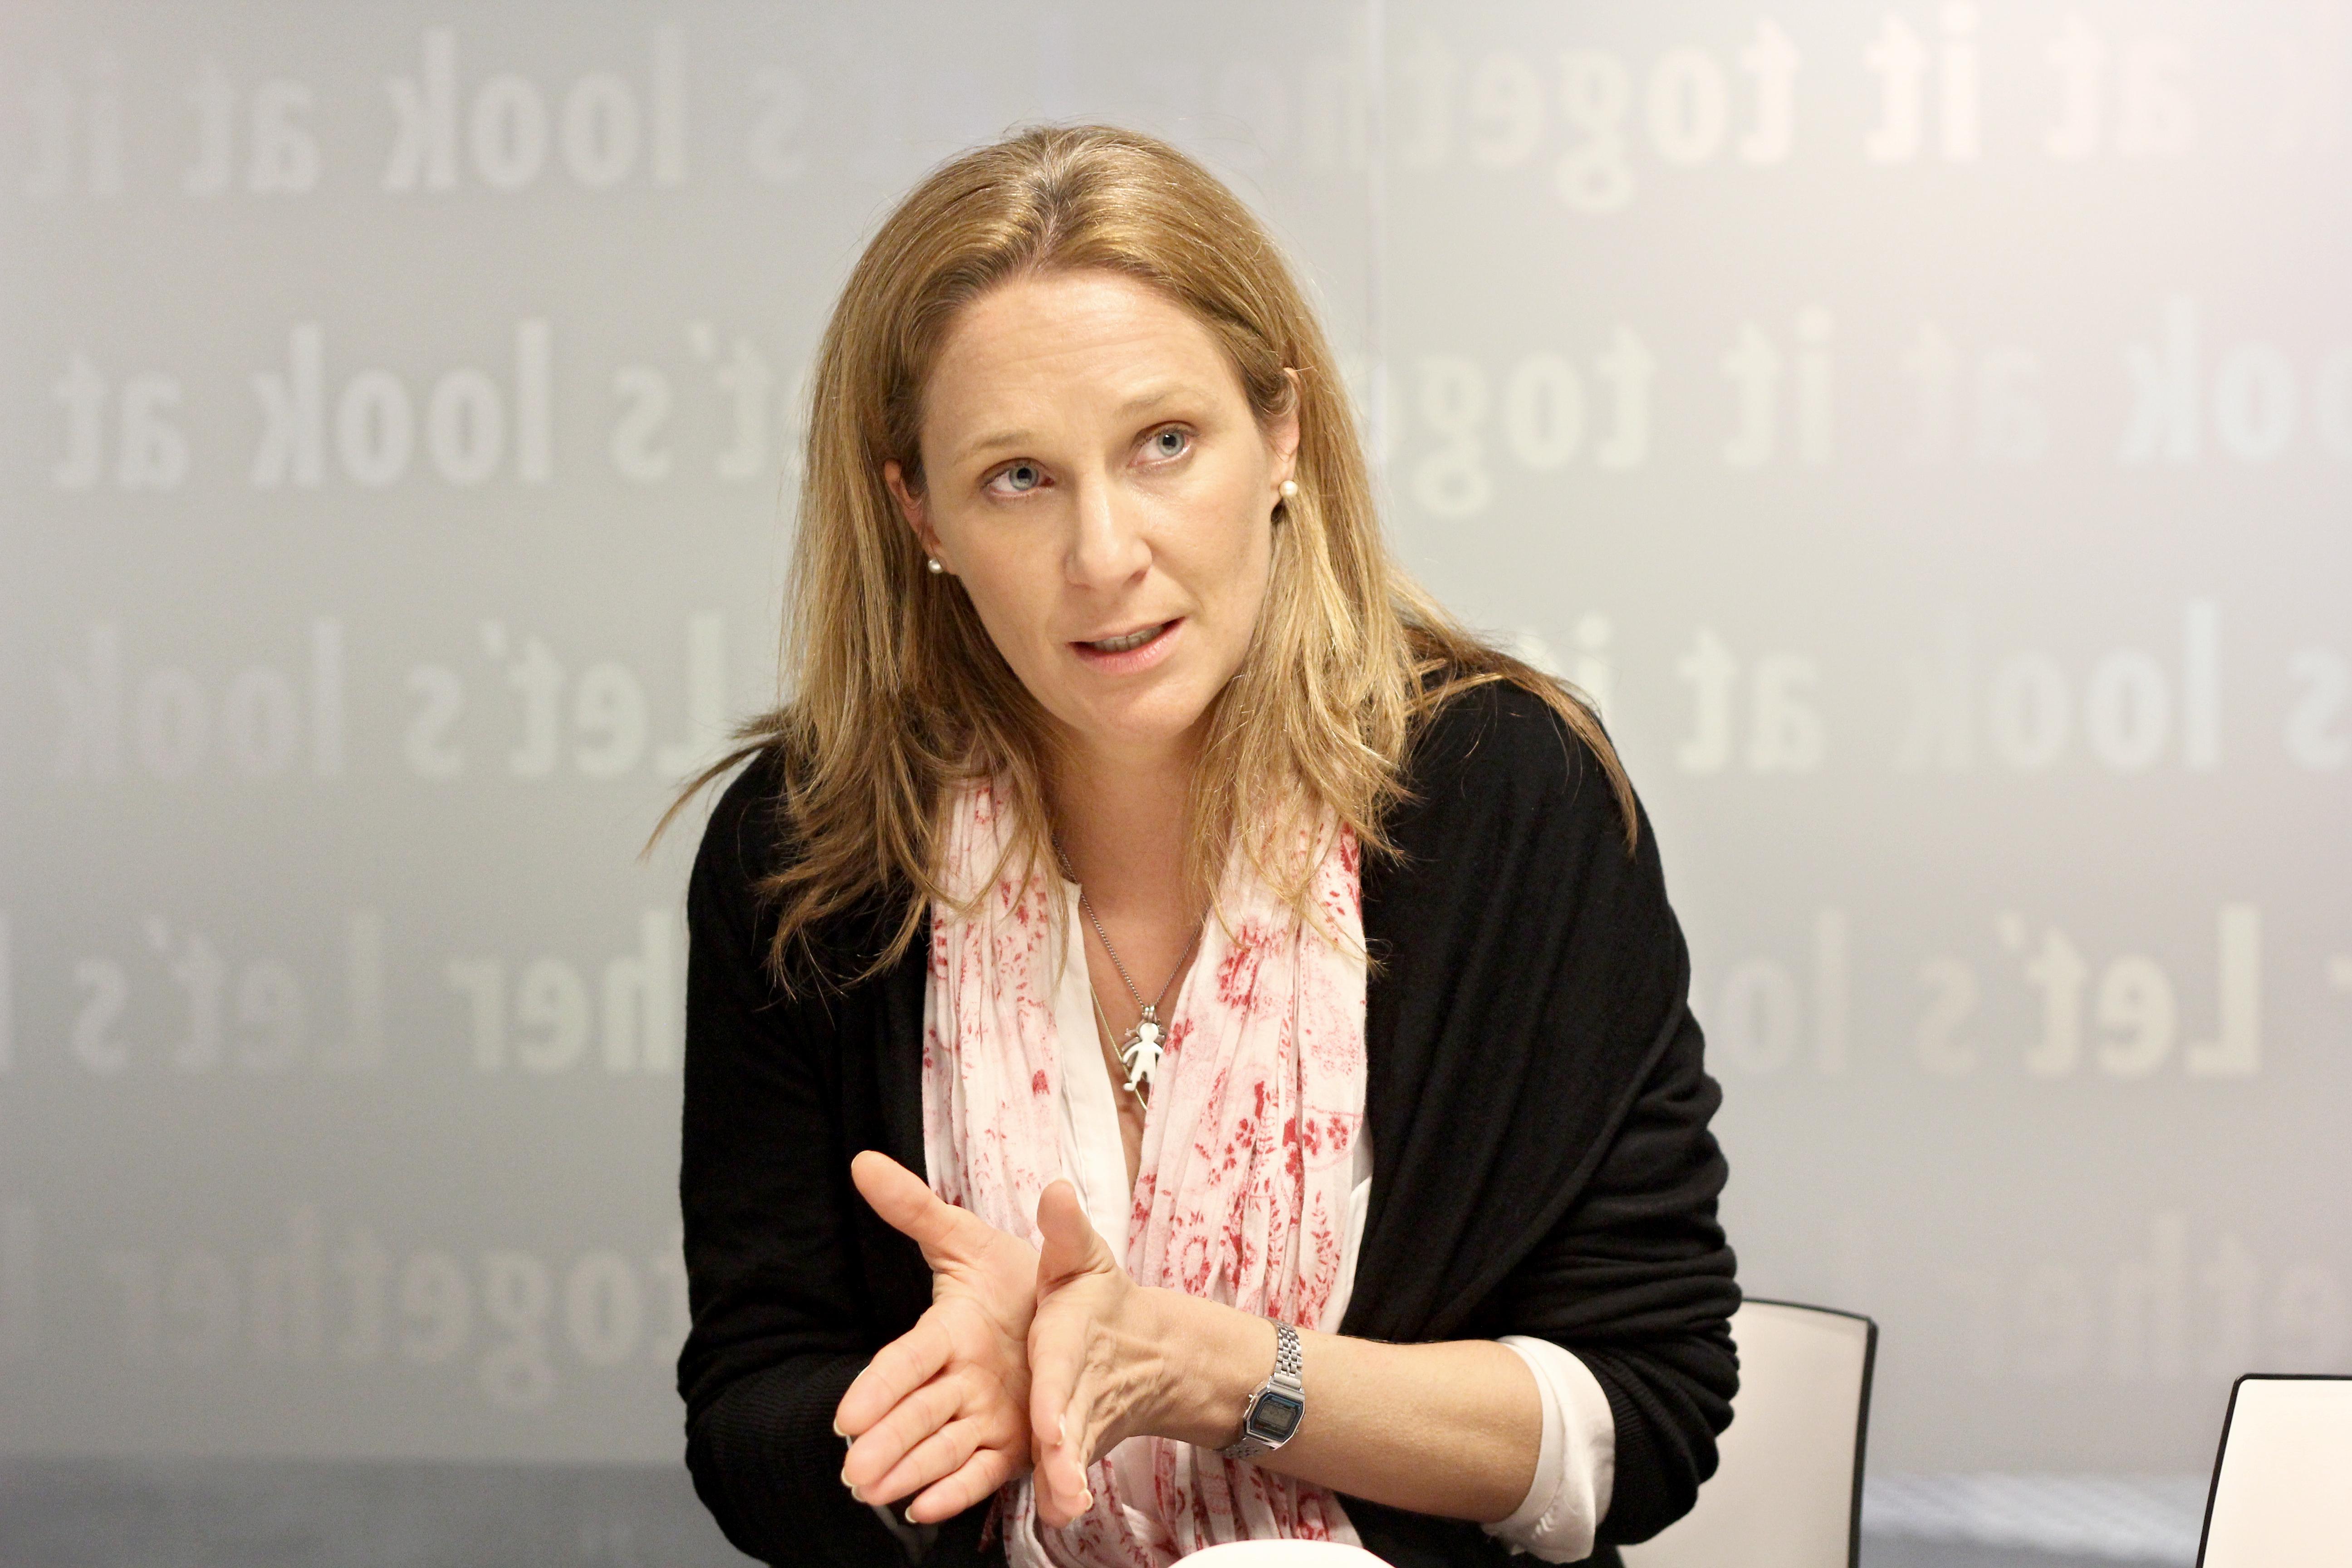 Marta Esteves Costa, Cushman & Wakefield